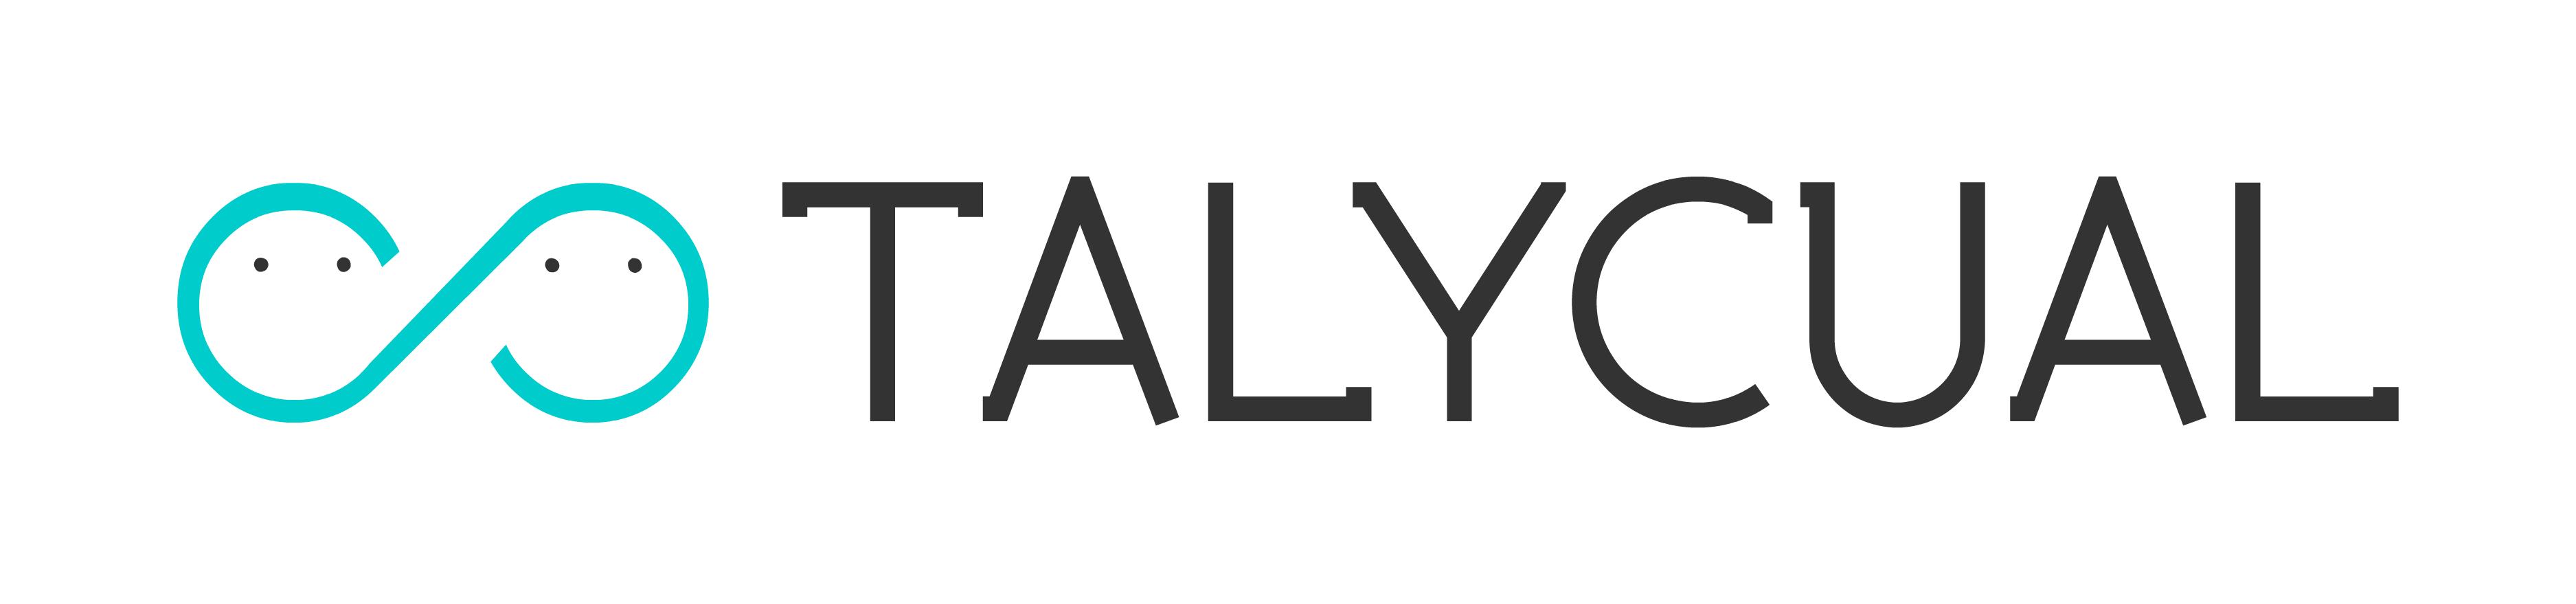 TALYCUAL